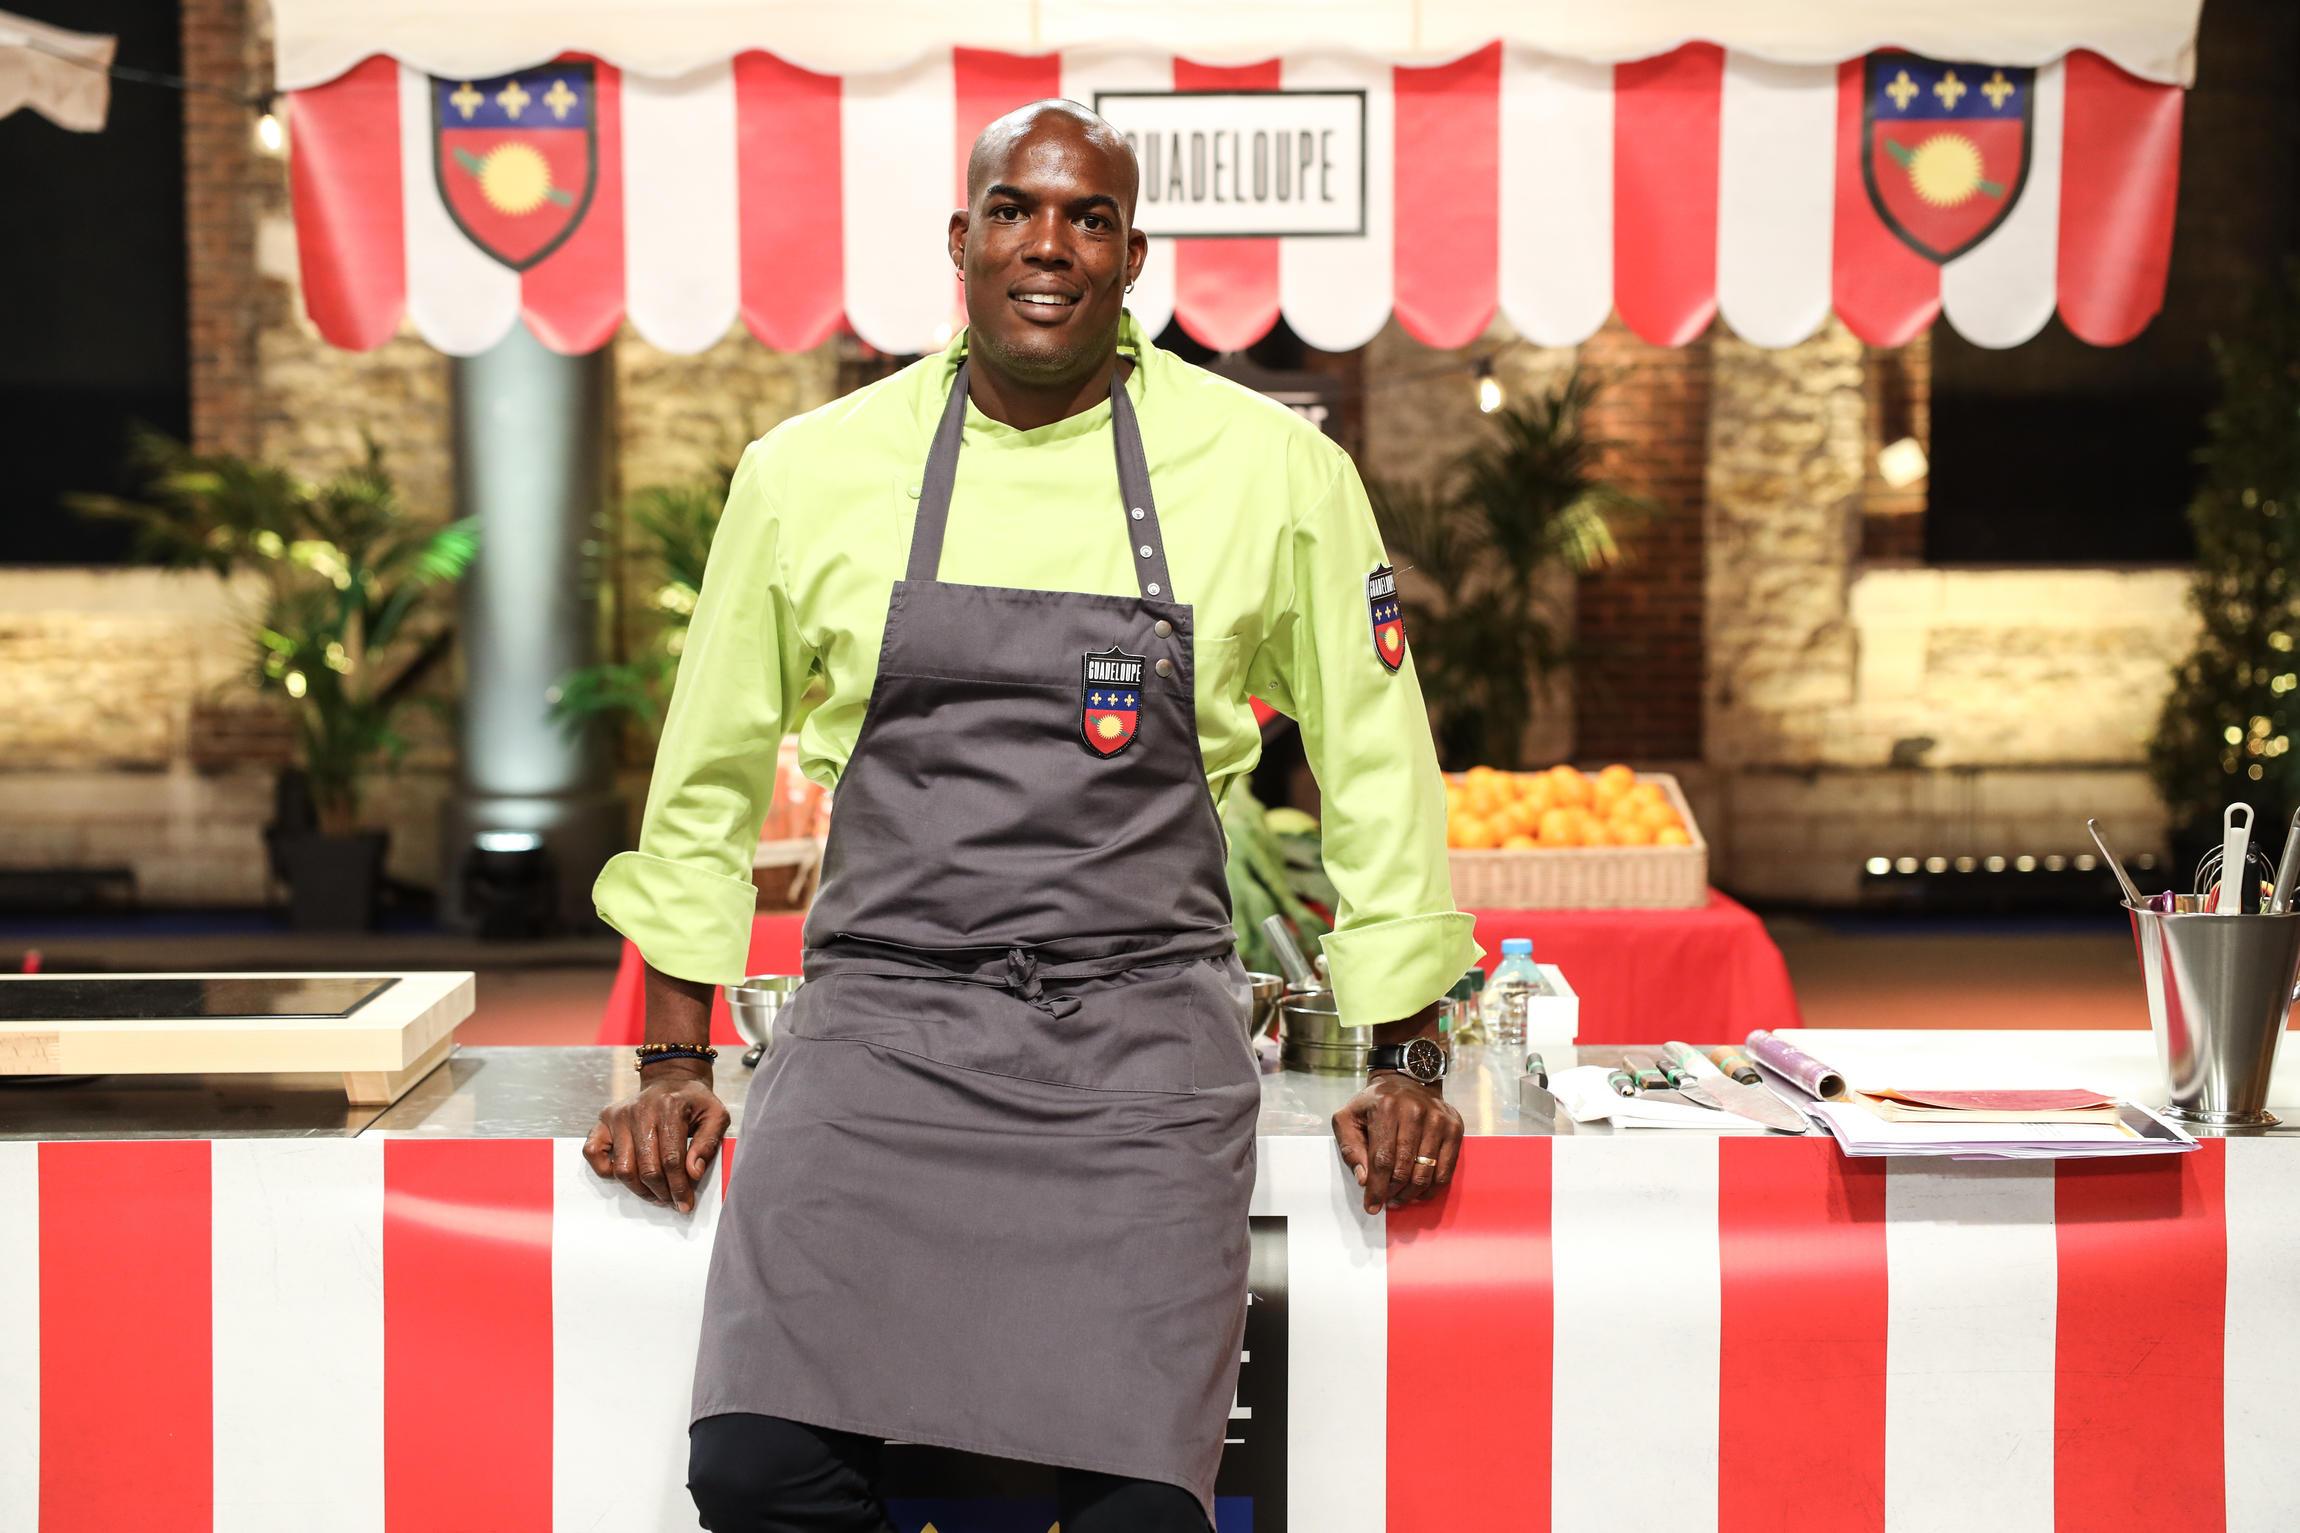 Gastronomie :  Le chef guadeloupéen Jimmy Bibrac défendra le migan de fruit à pain et le tourment d'amour dans le Grand Concours des Régions sur France 3